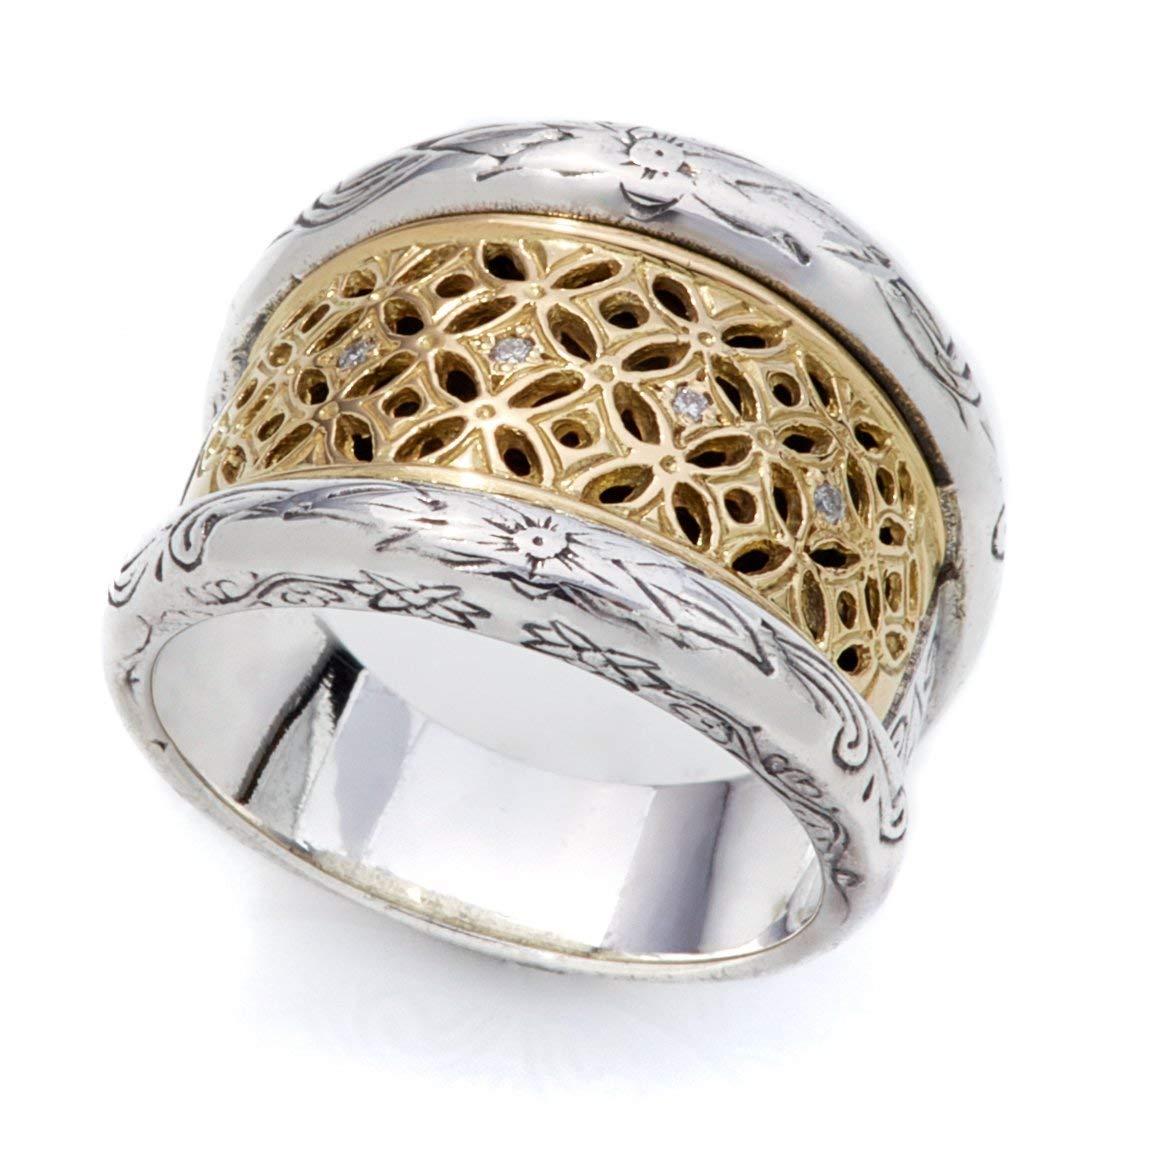 Konstantino Sterling Silver & 18k Gold w Diamond Ring